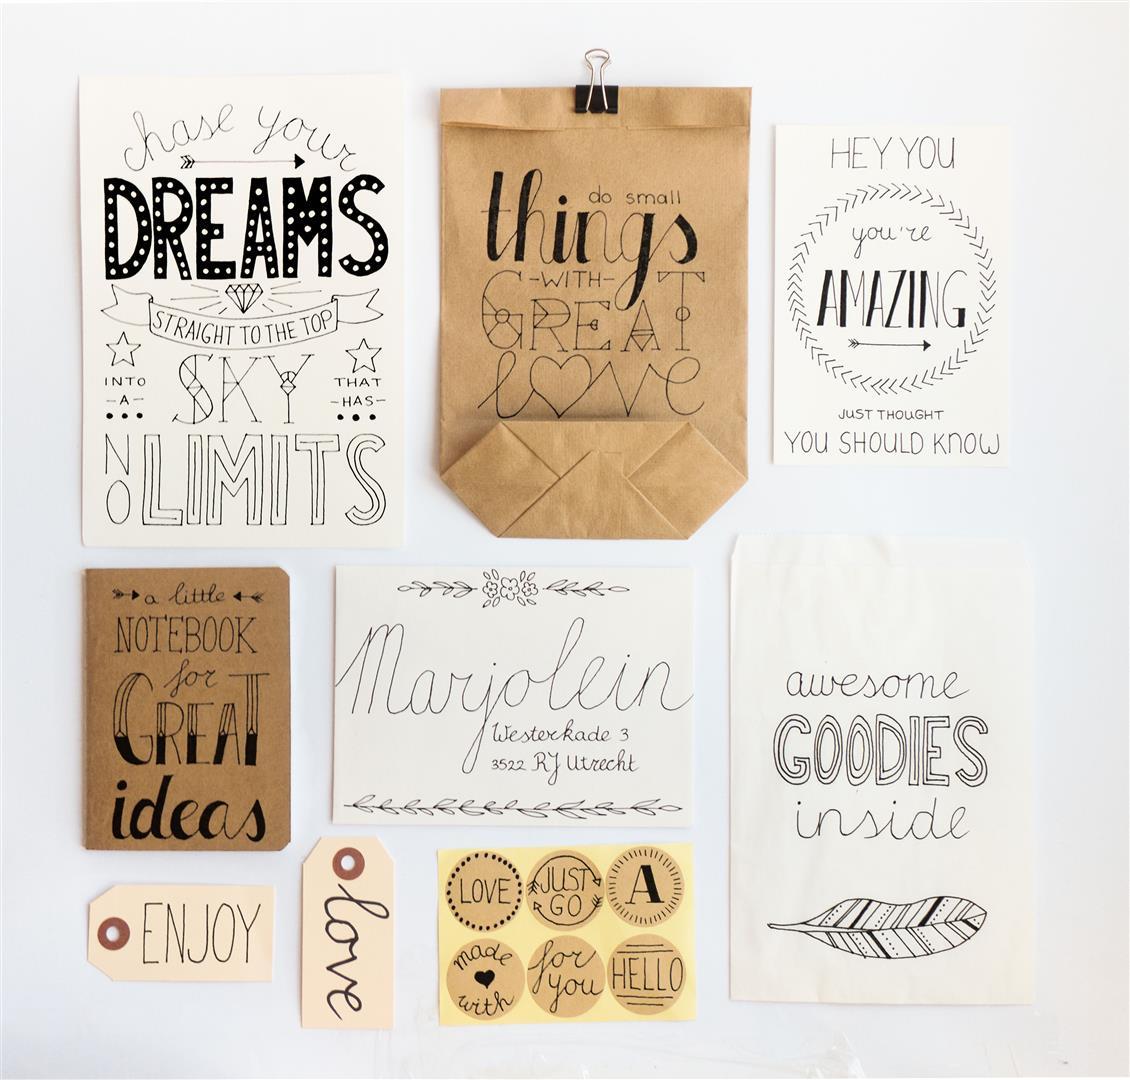 Versier inpak materialen met de mooiste quotes met het handlettering DIY pakket van Dreamkey ism Imakin